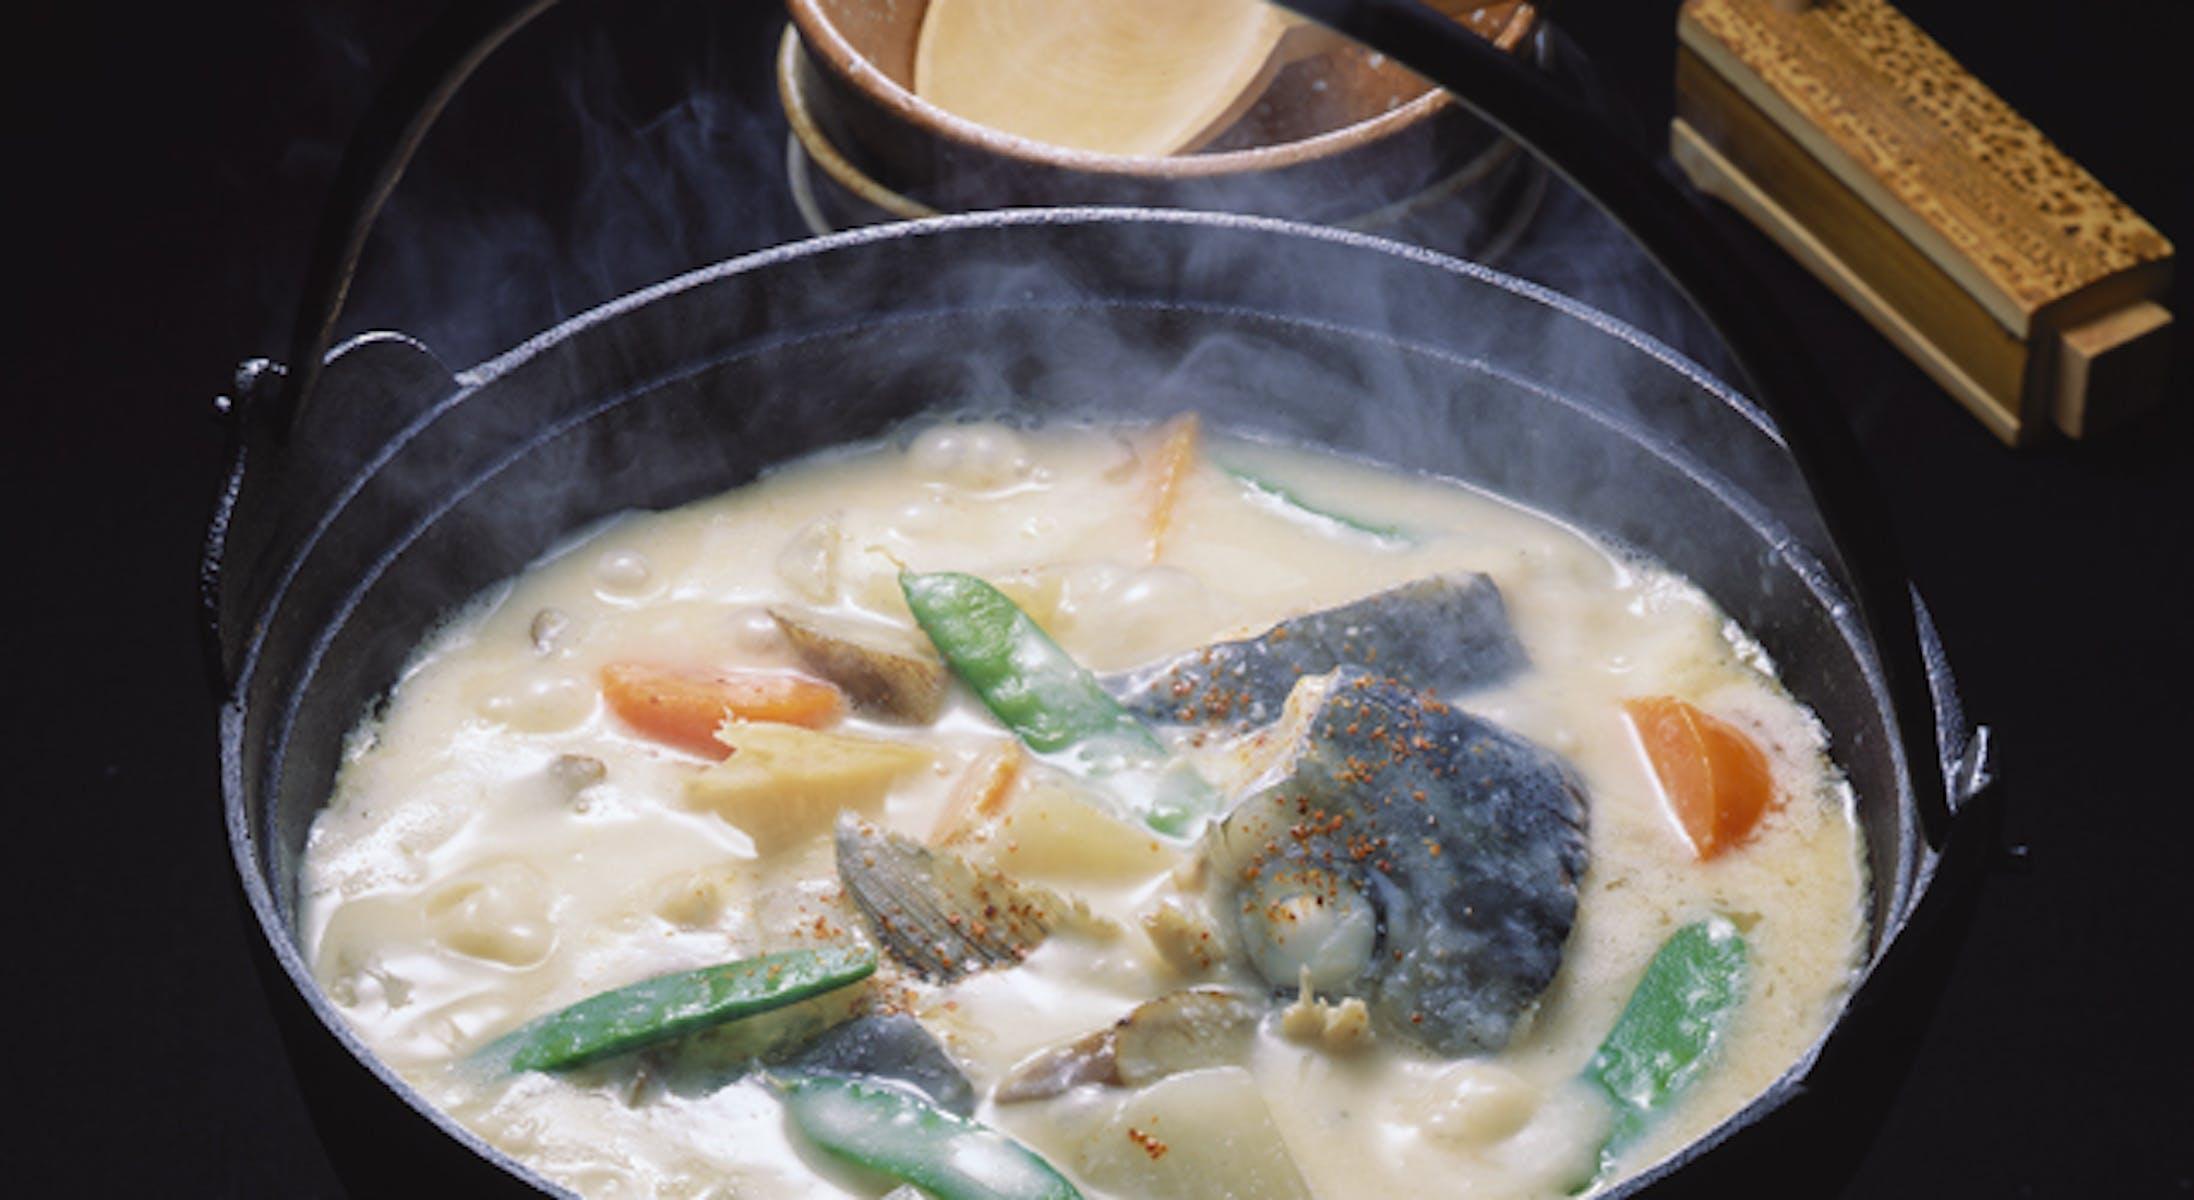 ぶりの粕煮鍋